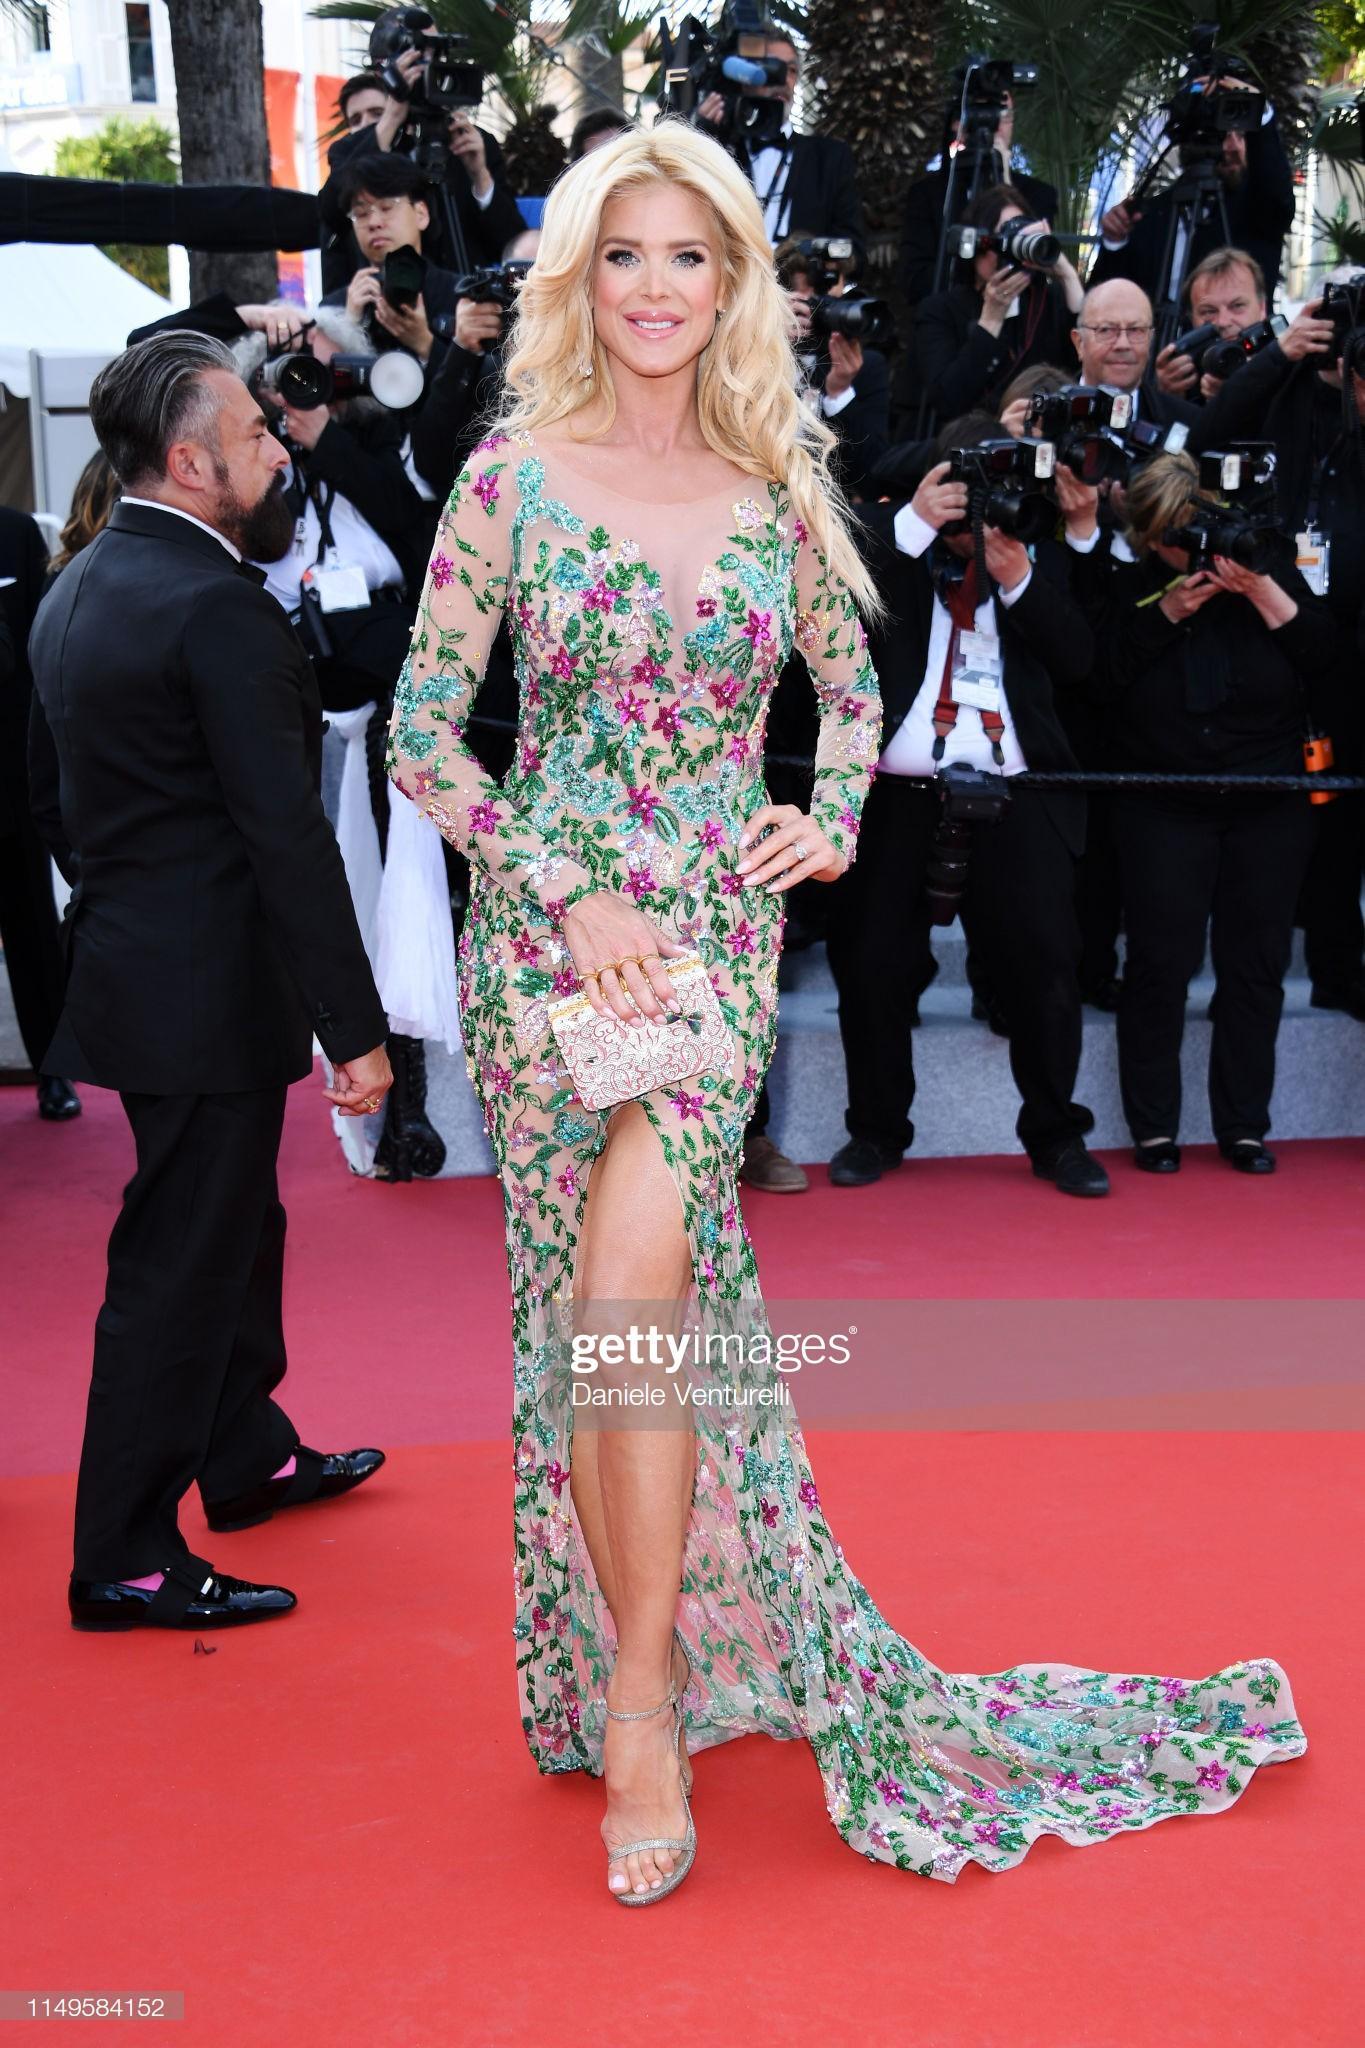 Thảm đỏ Cannes ngày 3: HLV The Face Thái Lan bất ngờ vùng lên chặt chém Bella Hadid cùng dàn mỹ nhân váy xẻ - Ảnh 32.